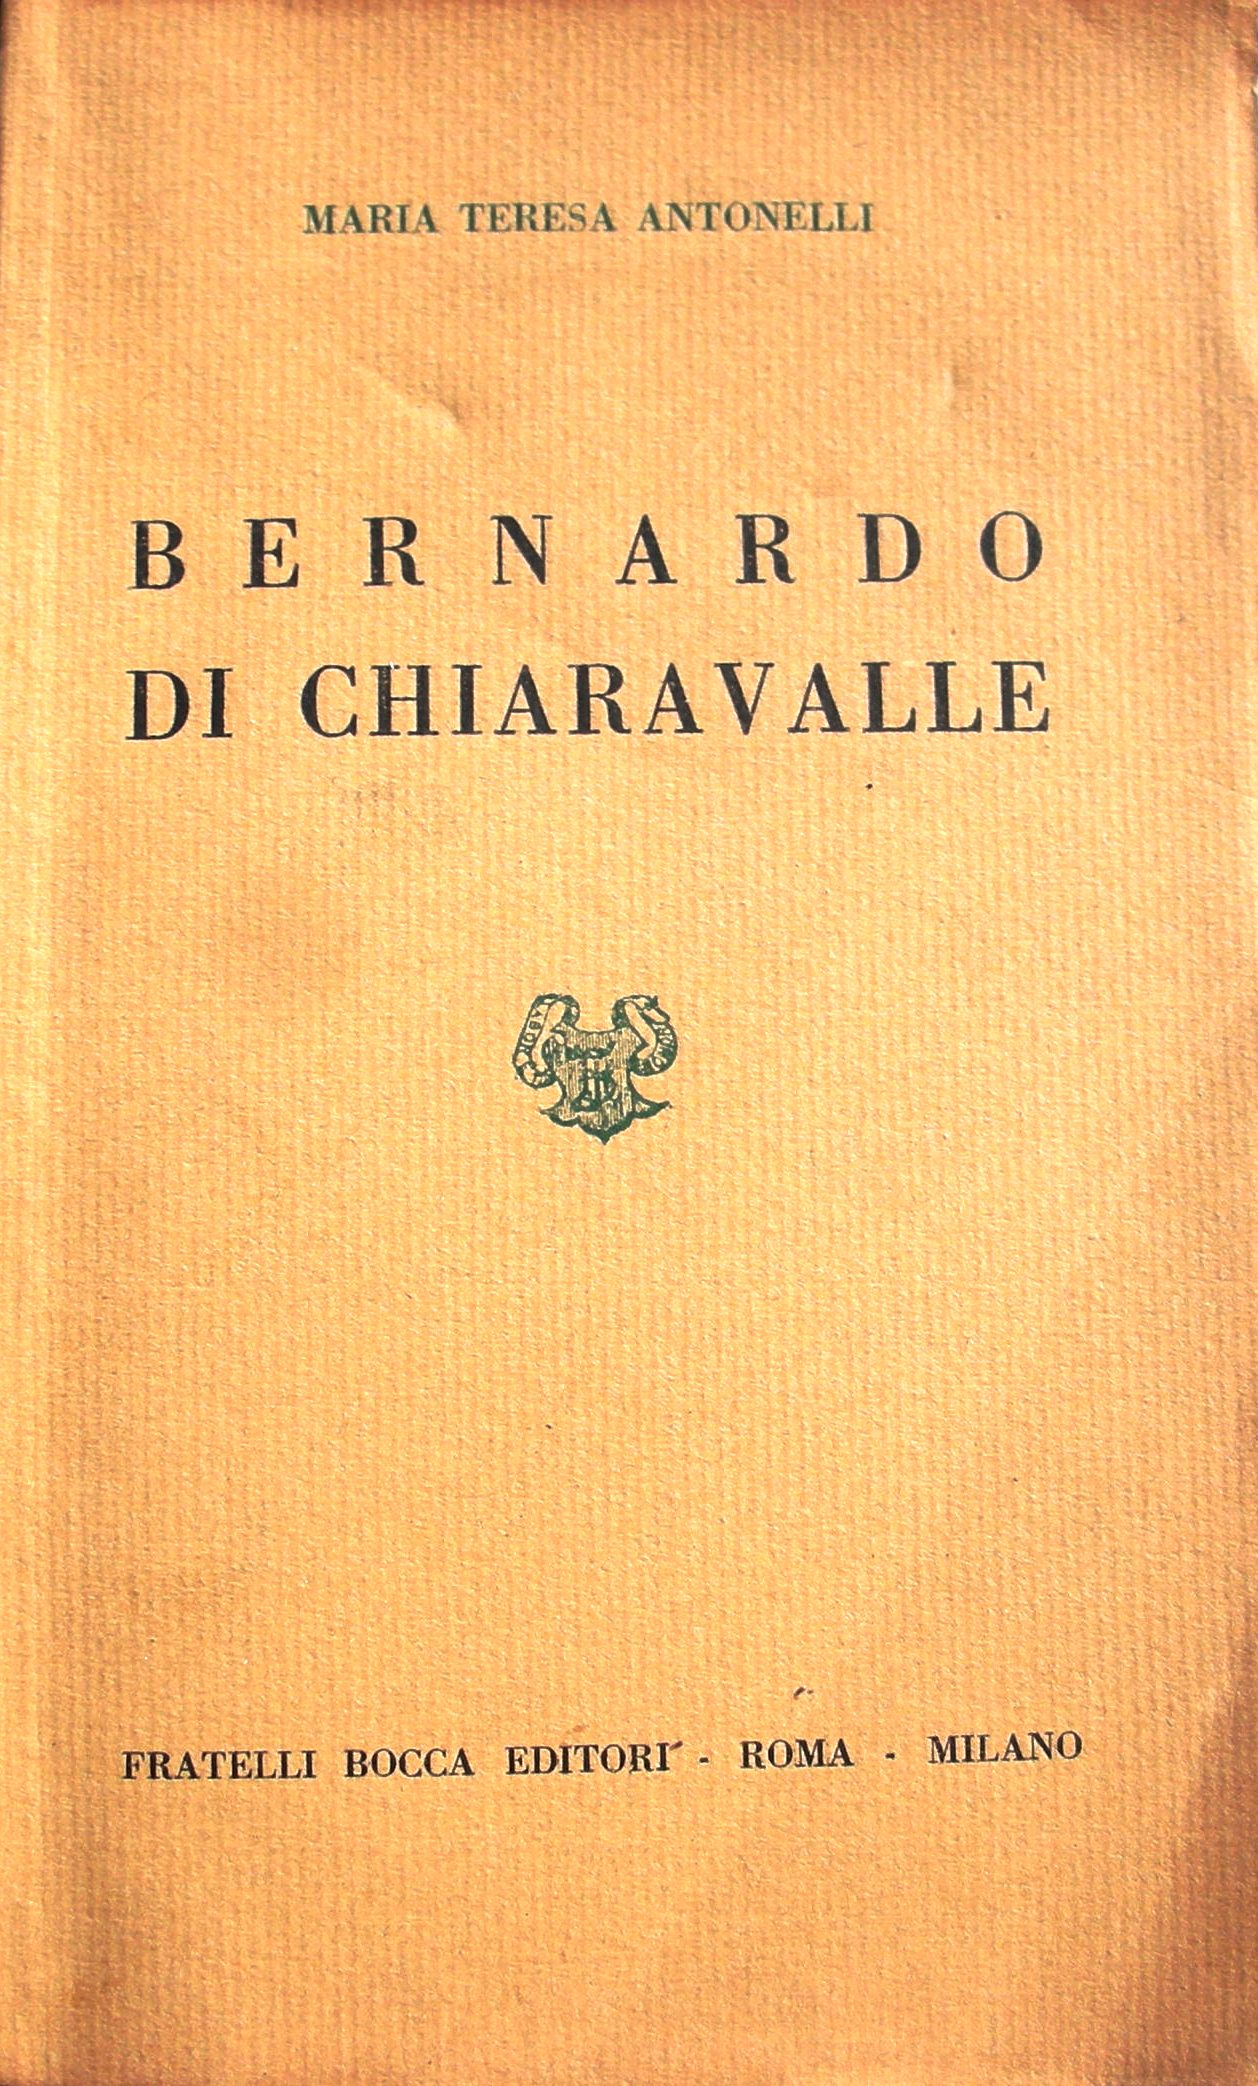 Bernardo di Chiaravalle